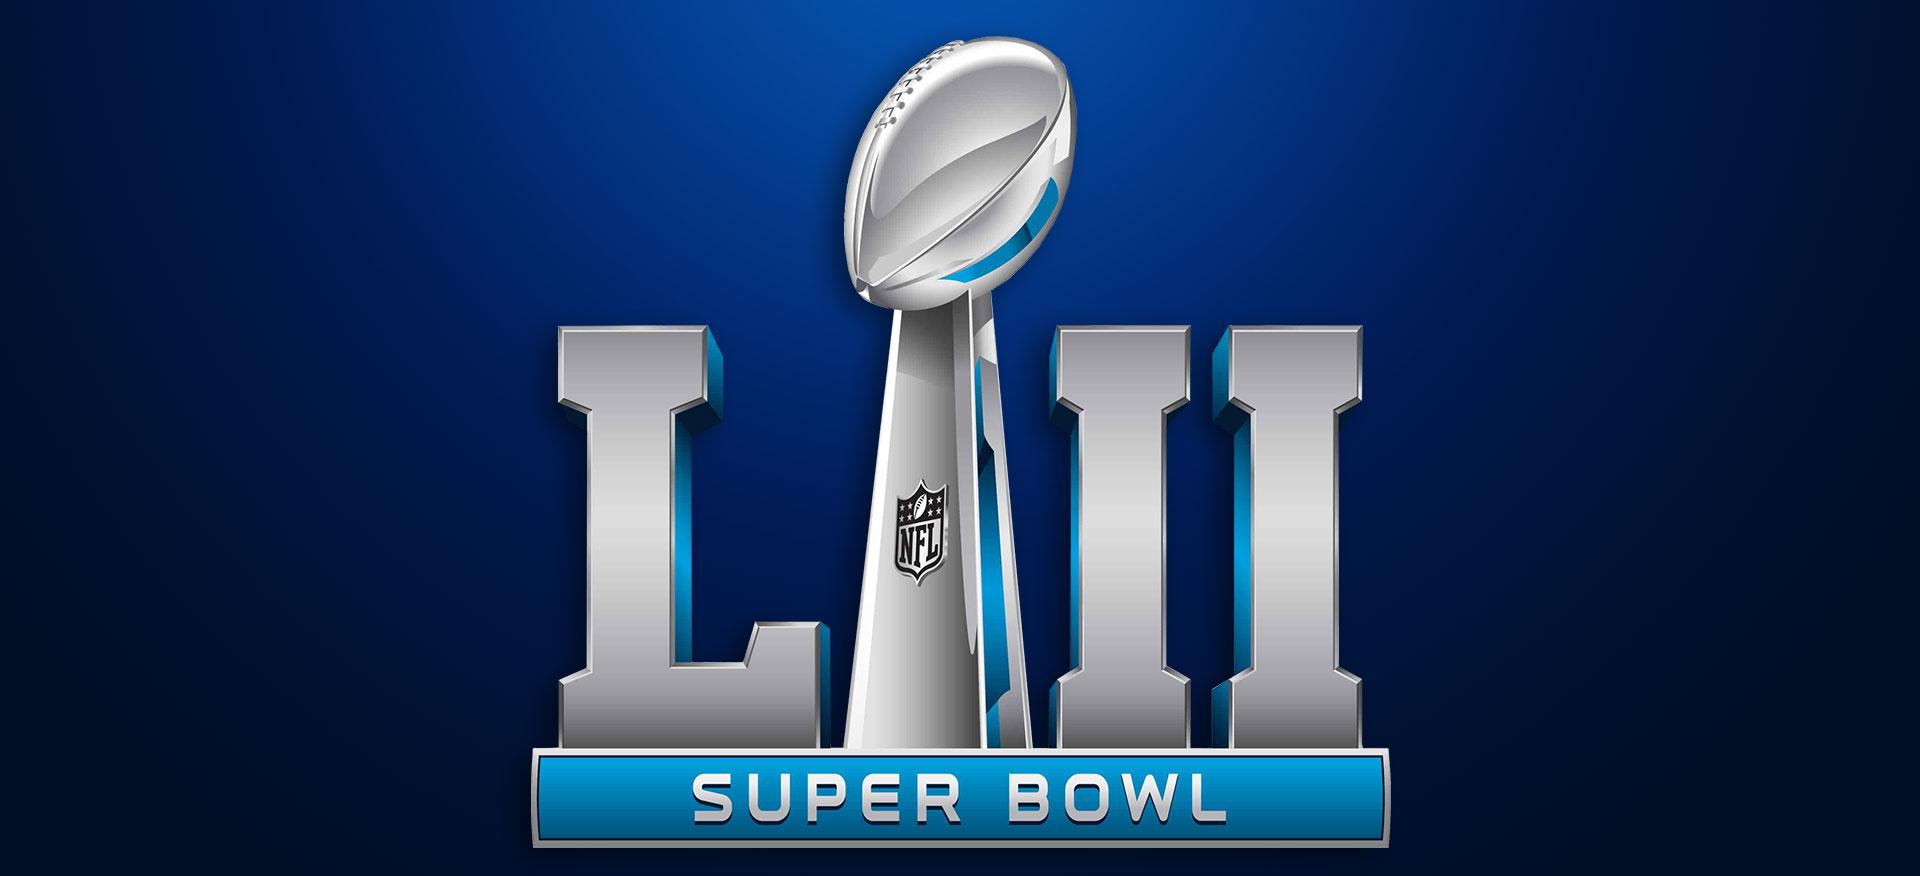 Patriots Eagles Will Square Off In Super Bowl 52